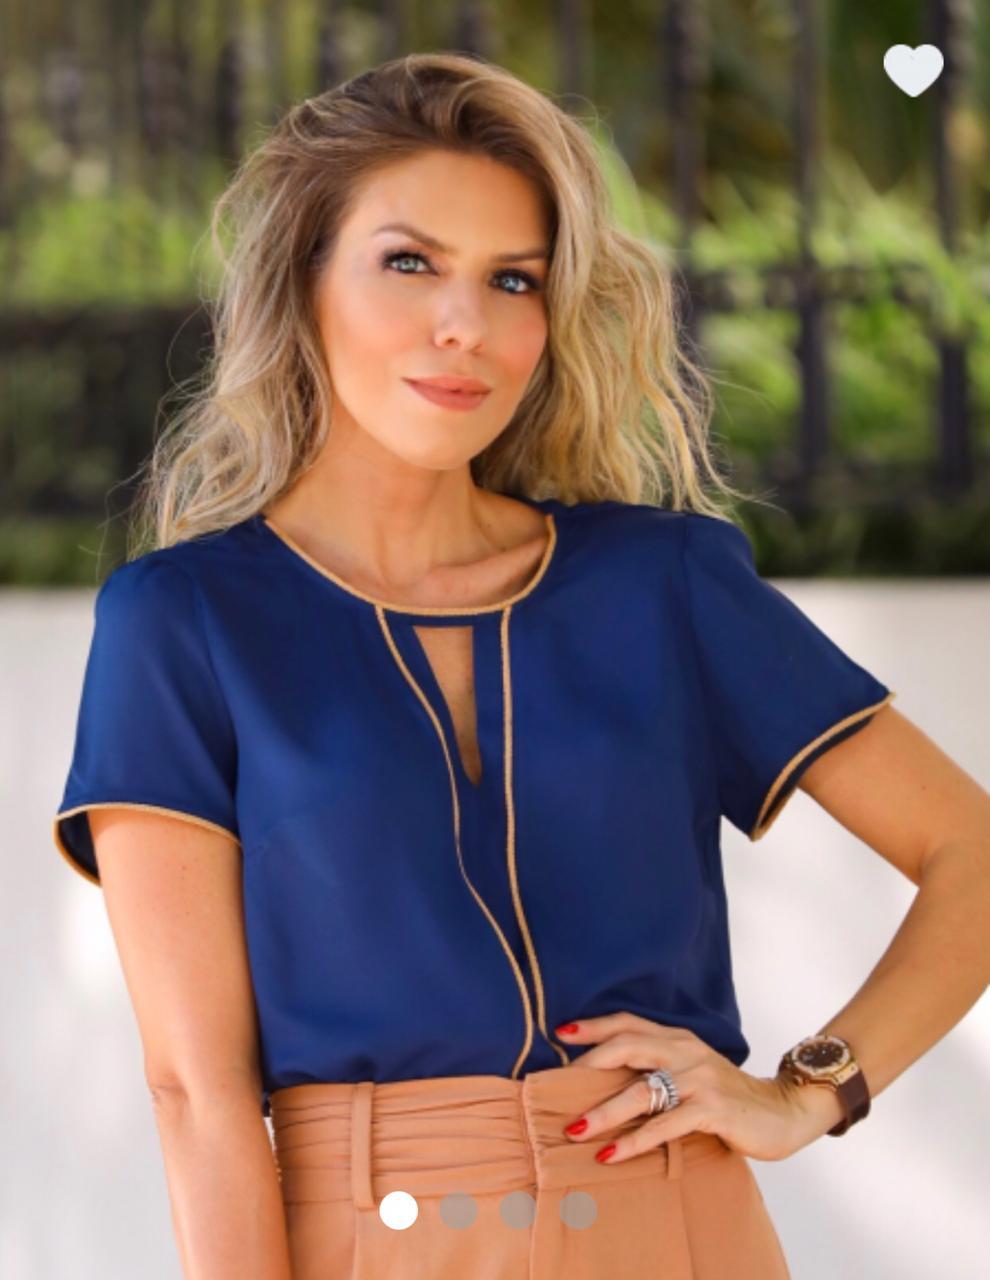 Blusa Lize Crepe Vivo Decote cor :azul Marinho